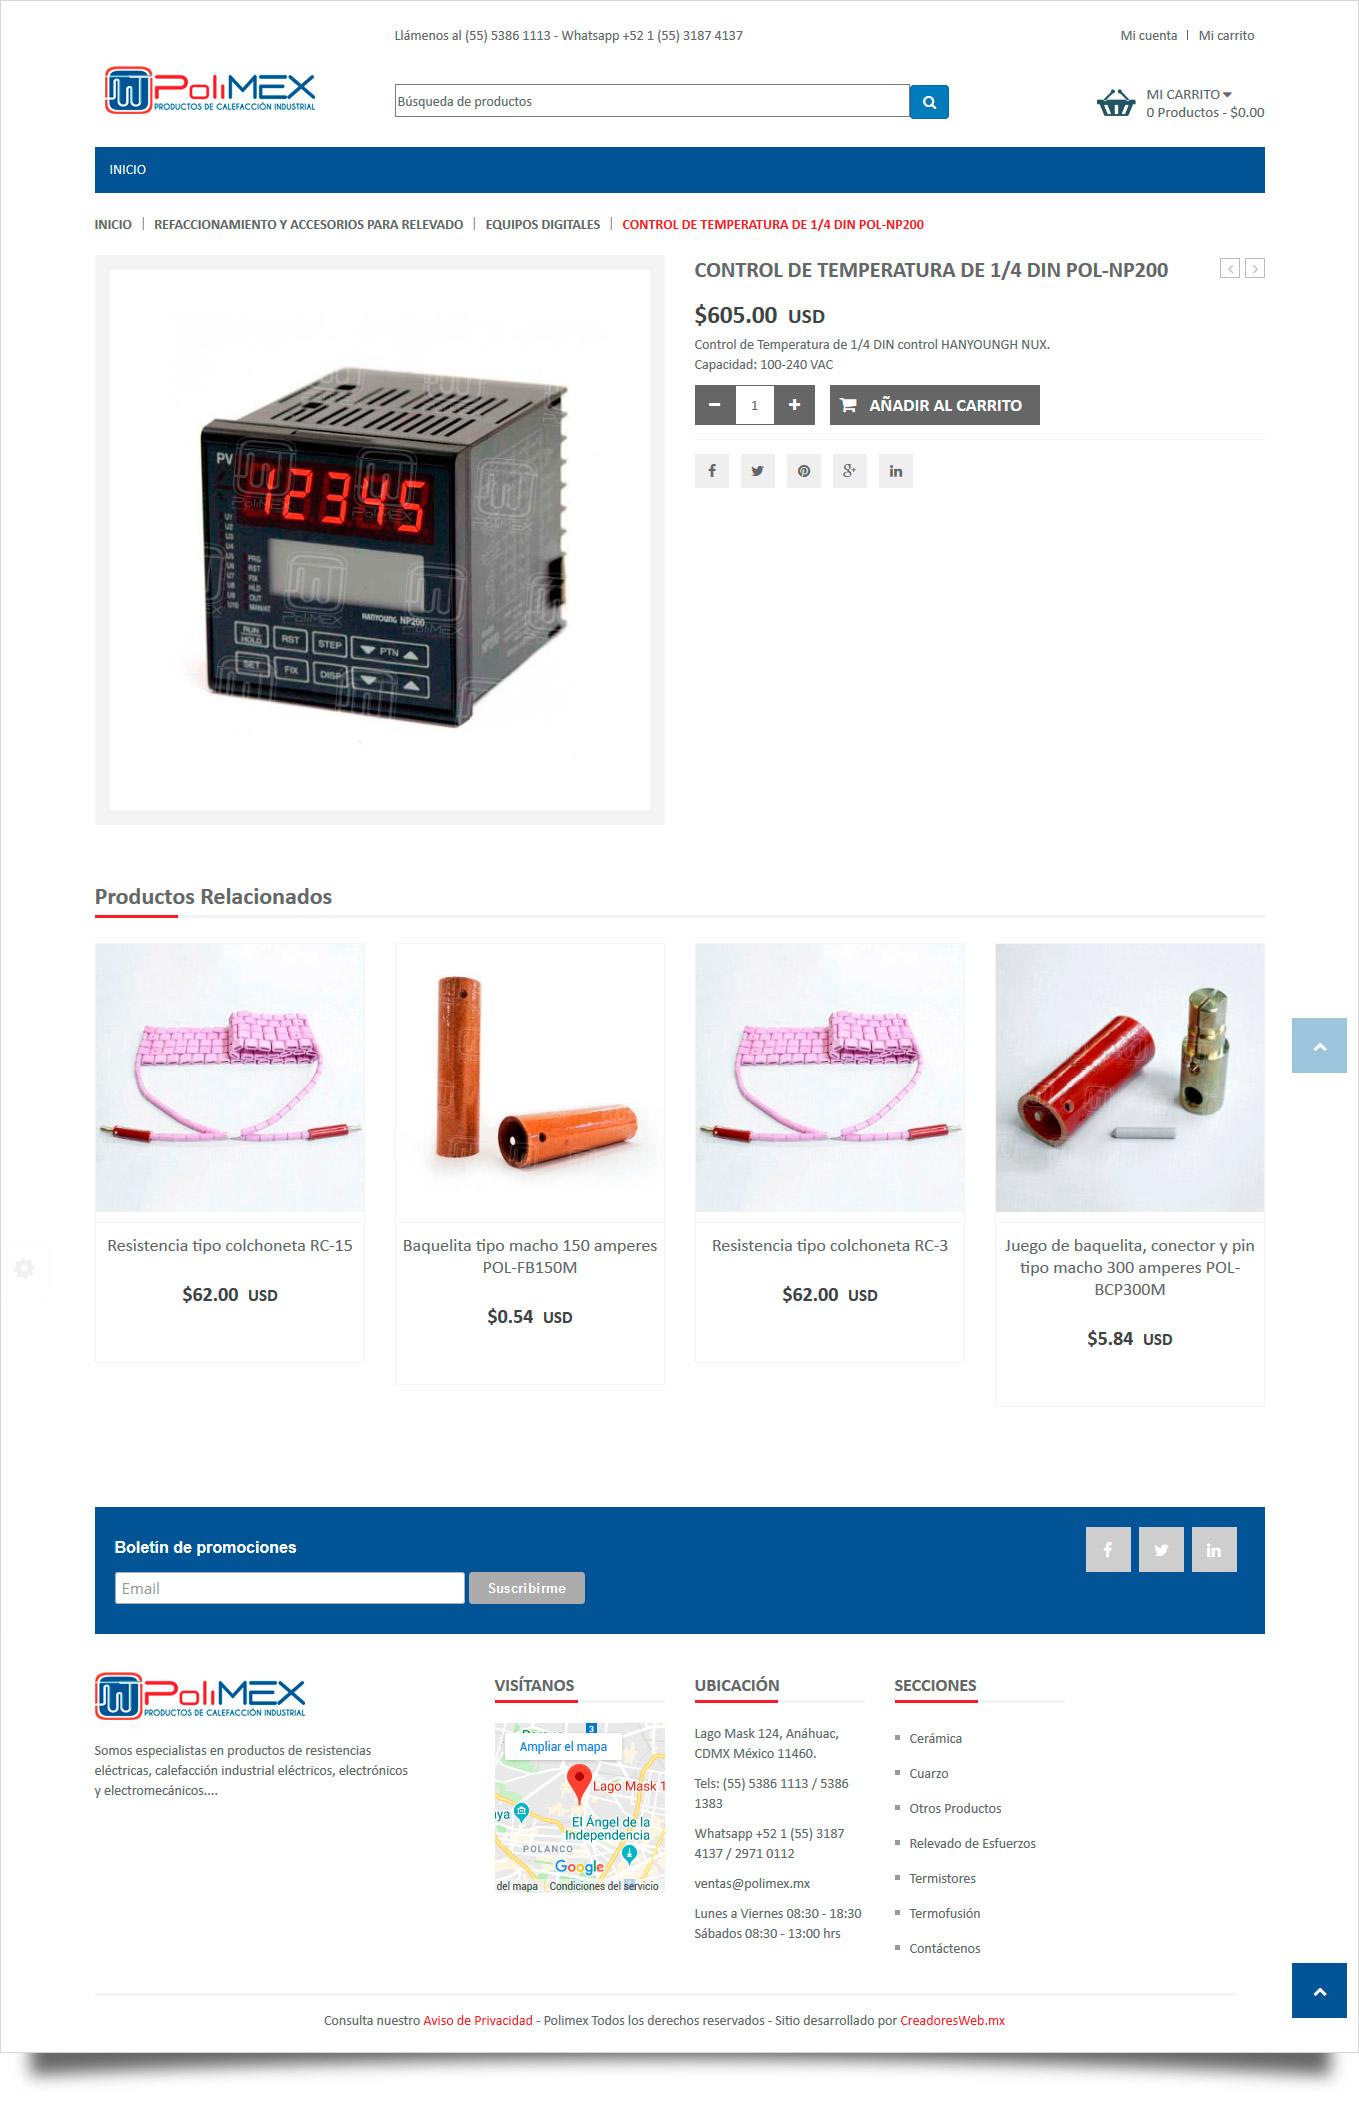 Polimex - Diseno y Desarrollo de Tienda en Linea - CreadoresWeb.mx